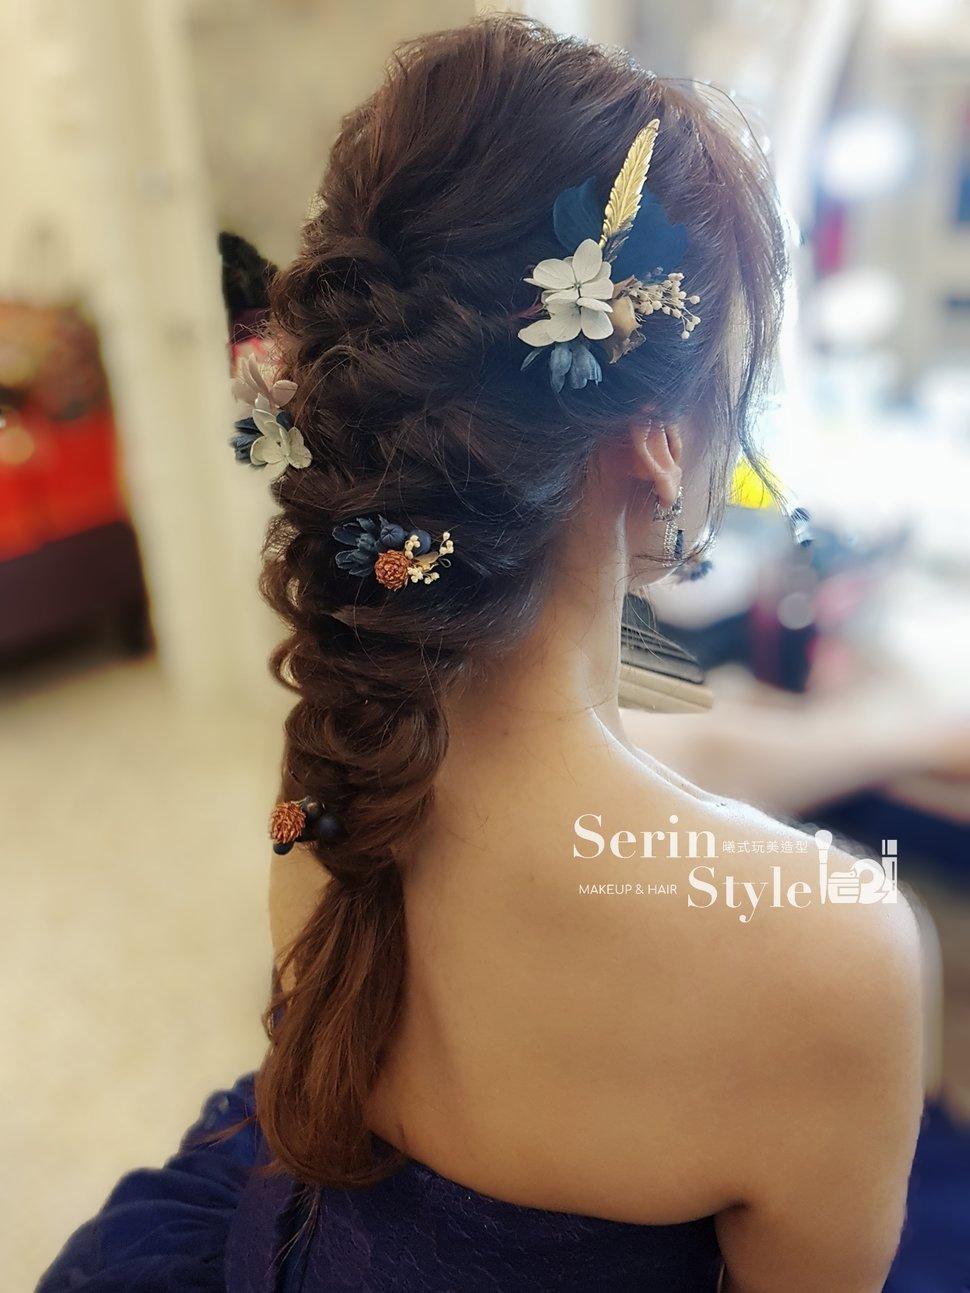 新莊典華新娘秘書Serin - Serin Style曦式玩美造型《結婚吧》